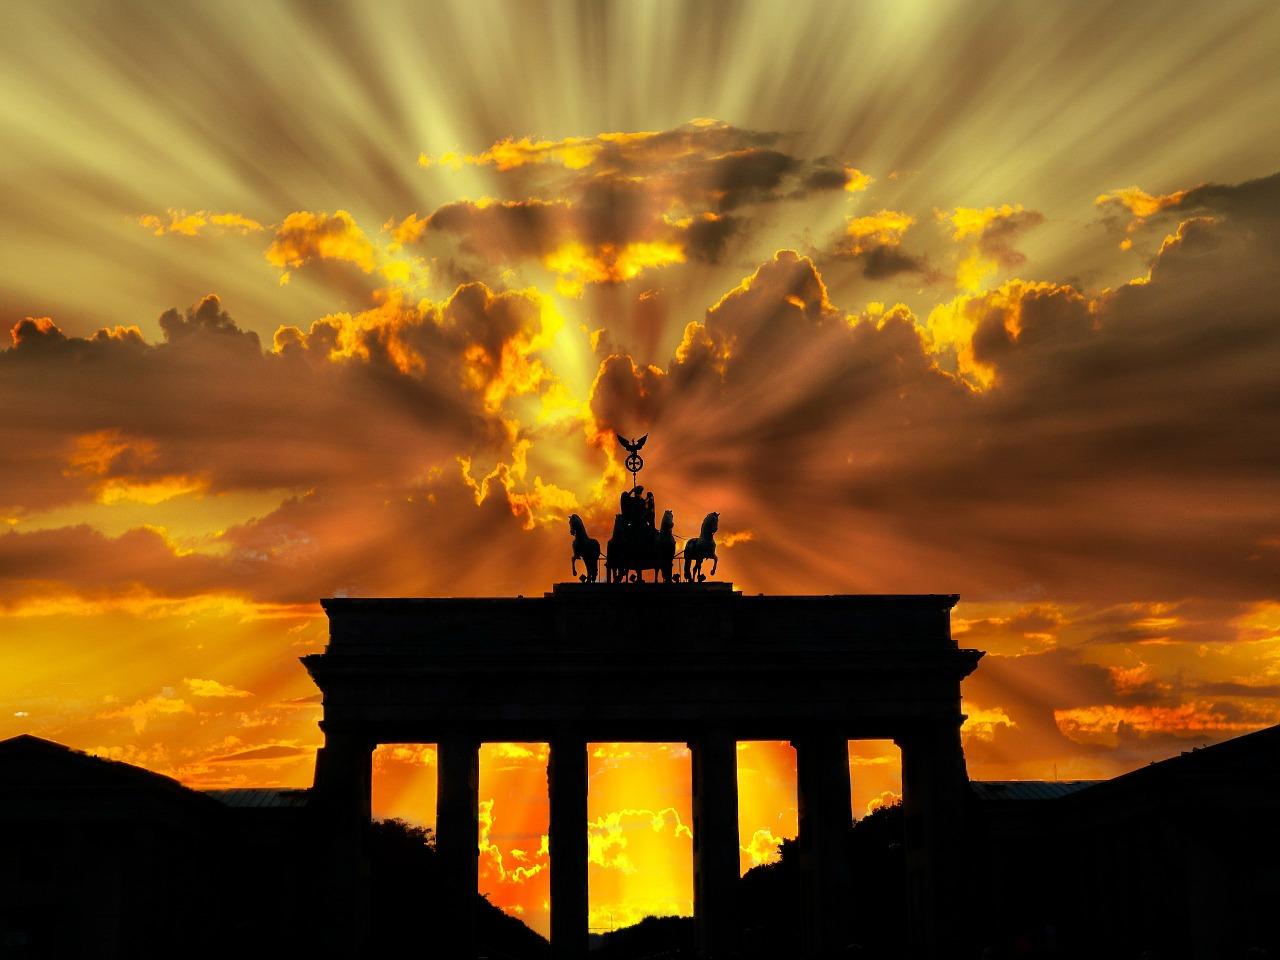 Nauka języka w Niemczech. Naucz się niemieckiego! Kurs niemieckiego w Niemczech